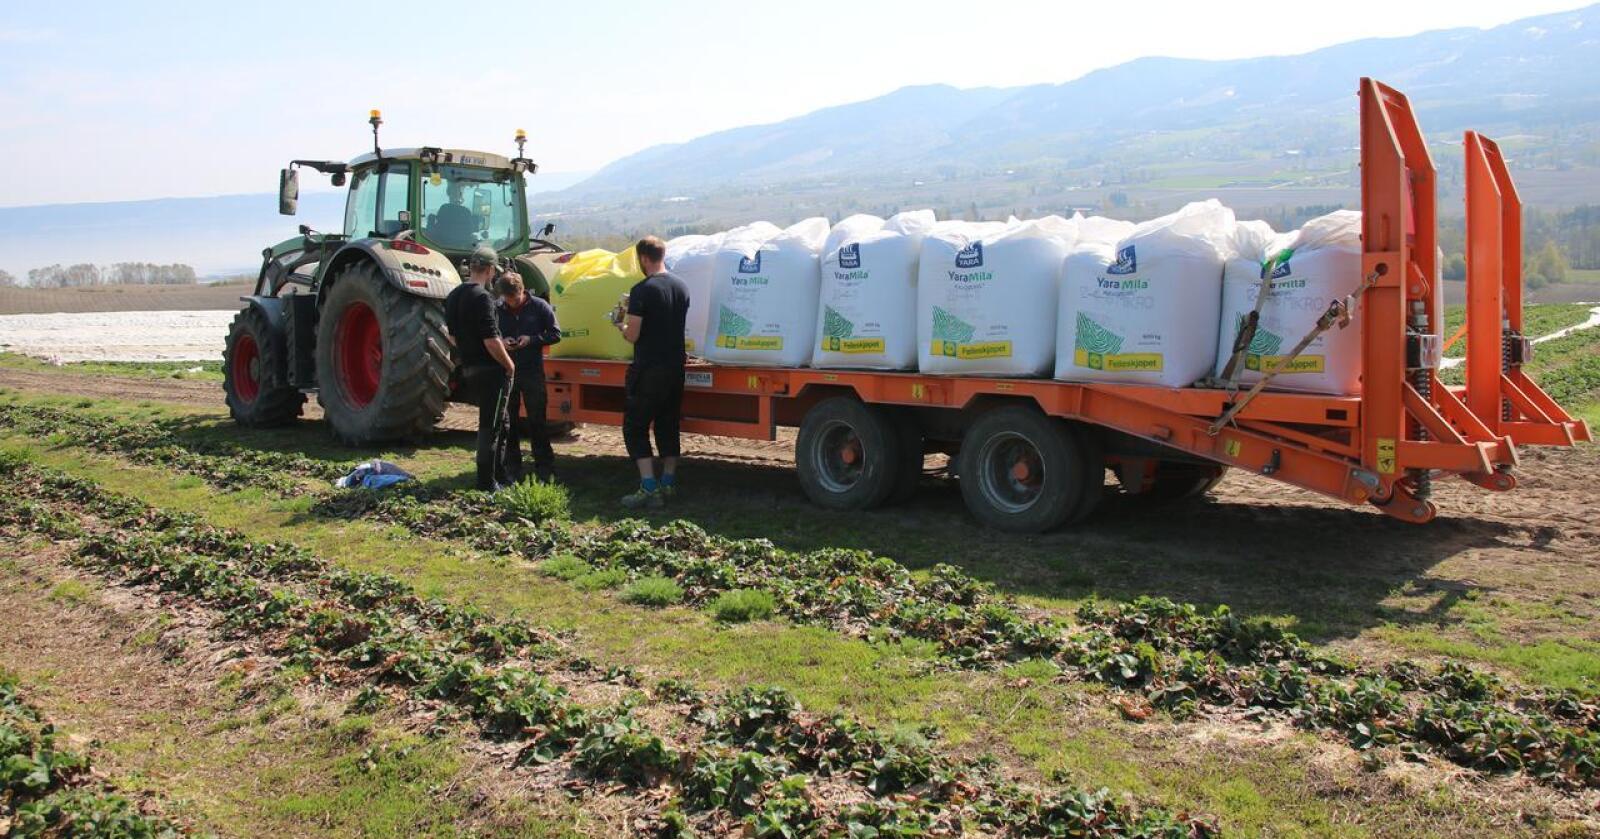 Øker: Høyere matvarepriser og energipriser internasjonalt har gitt 30 prosent høyere pris på standard NPK-gjødsel. Arkivfoto: Norsk Landbruk